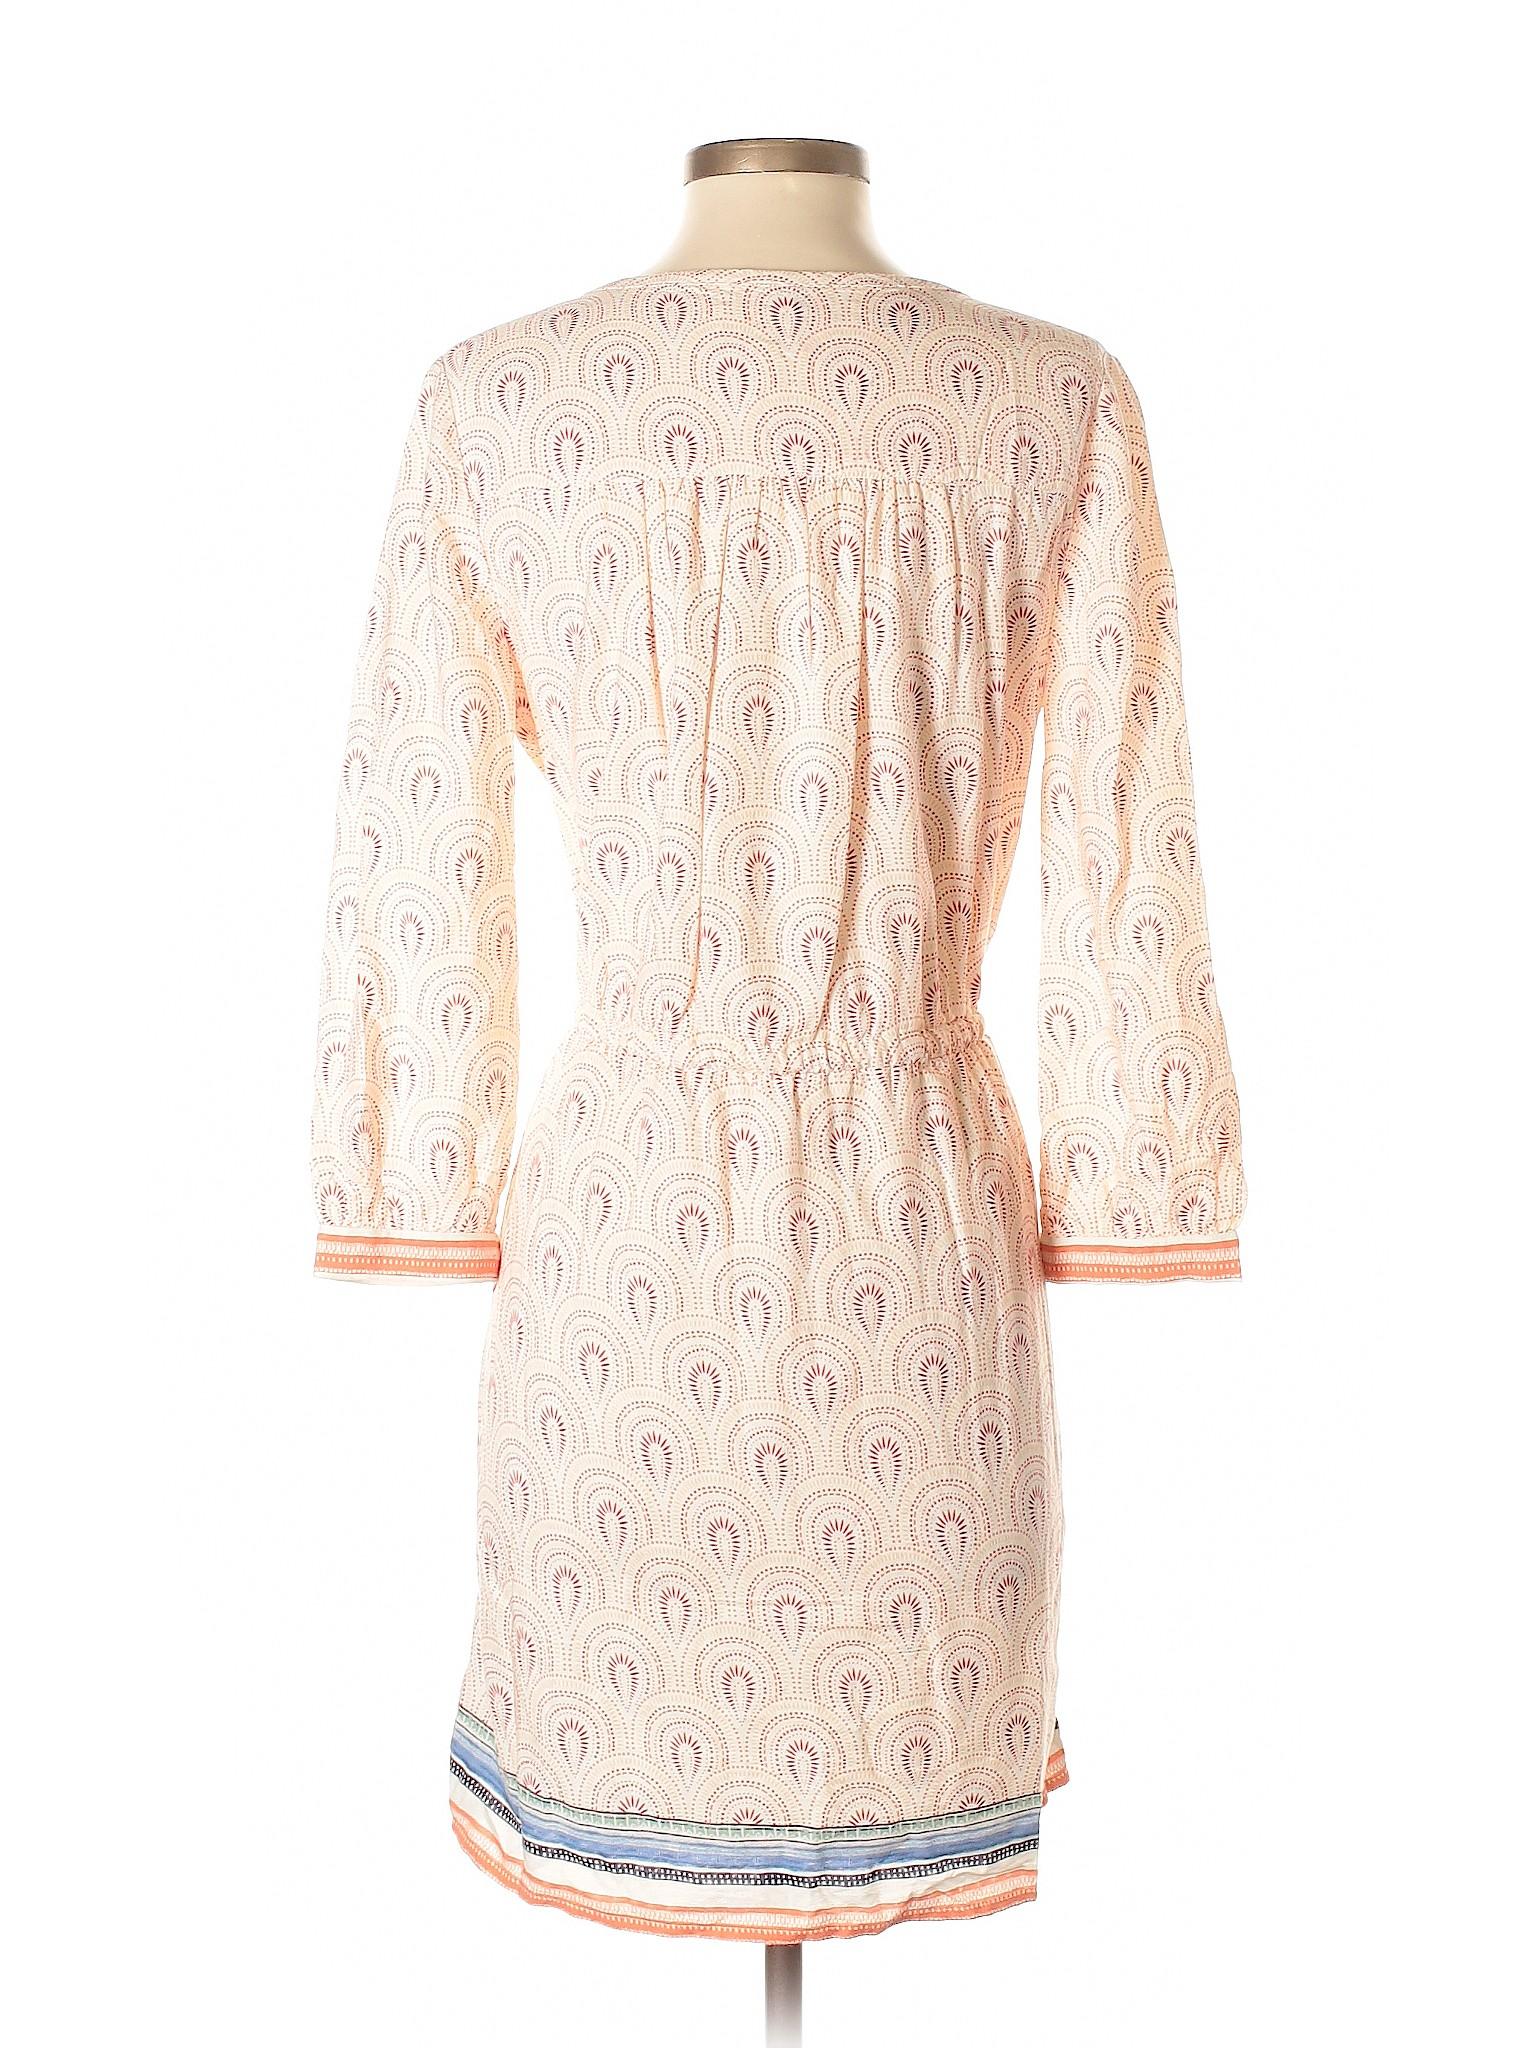 Boutique Dress Boutique Caslon winter winter Casual UdXUPa